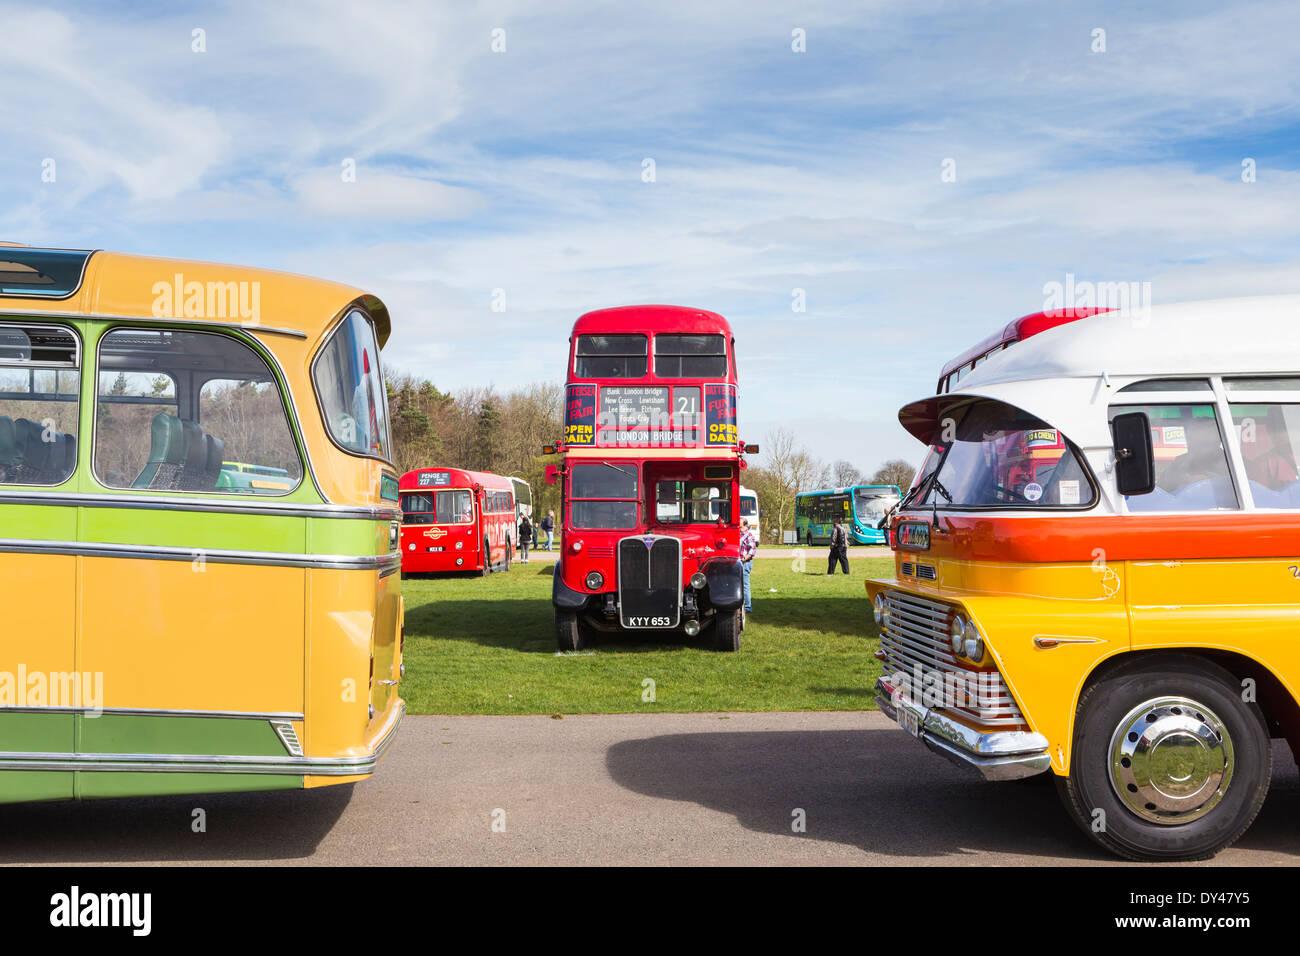 Vintage buses en la visualización de vehículos del patrimonio Imagen De Stock